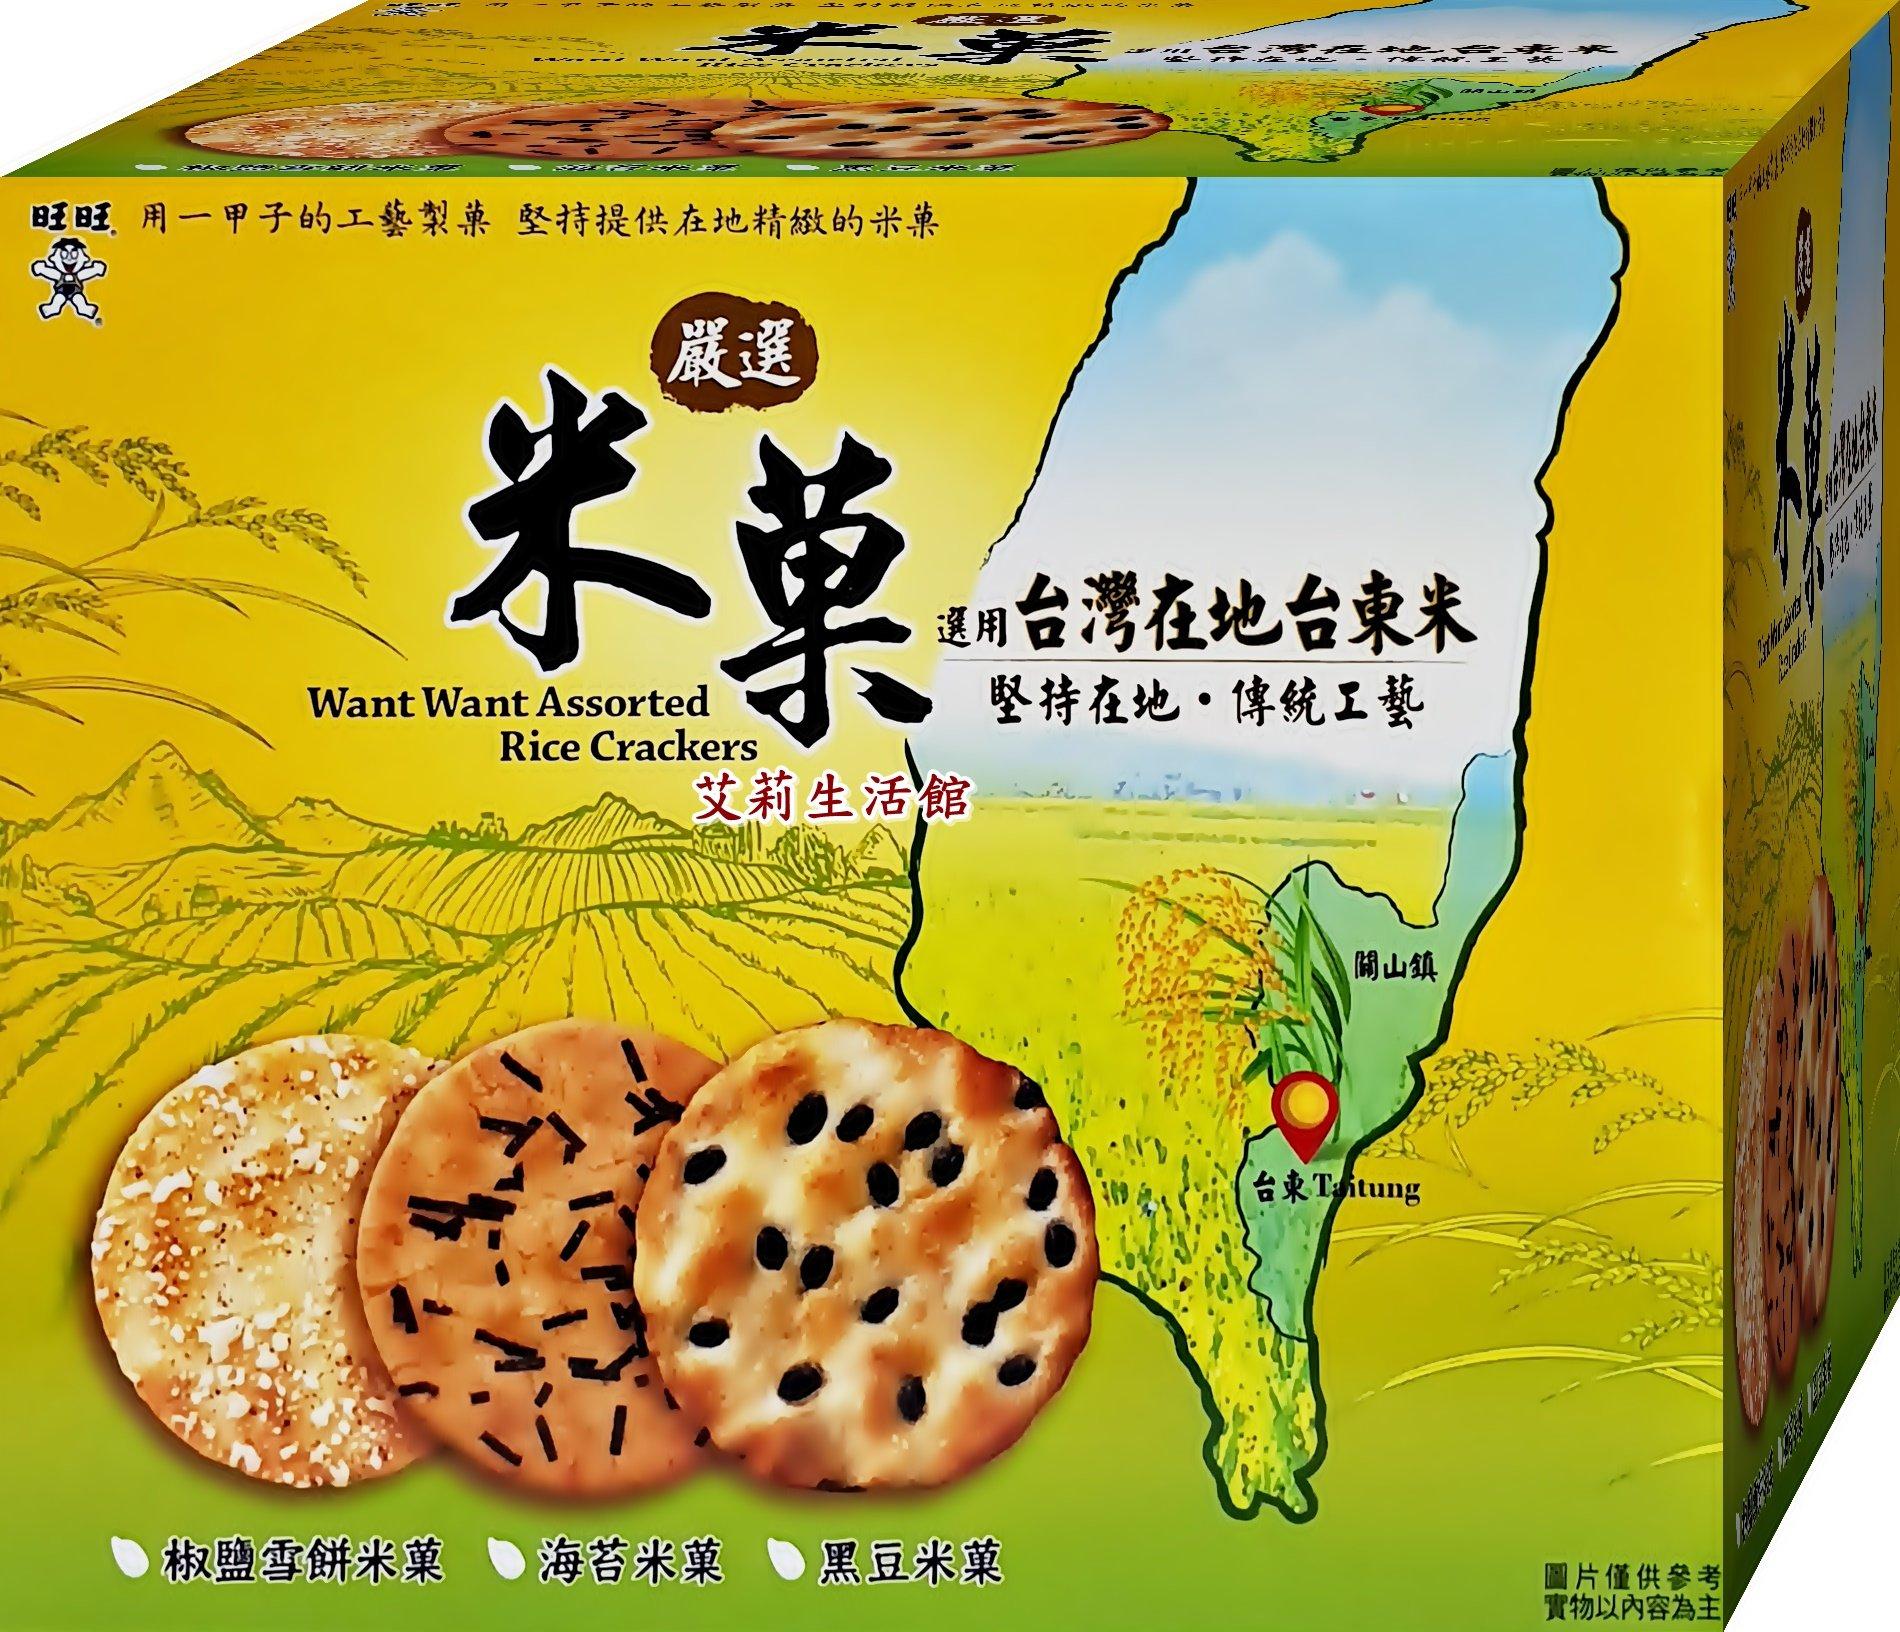 【艾莉生活館】COSTCO 旺旺 嚴選米菓-椒鹽雪餅米菓+海苔米菓+黑豆米菓(827g/盒)《㊣附發票》